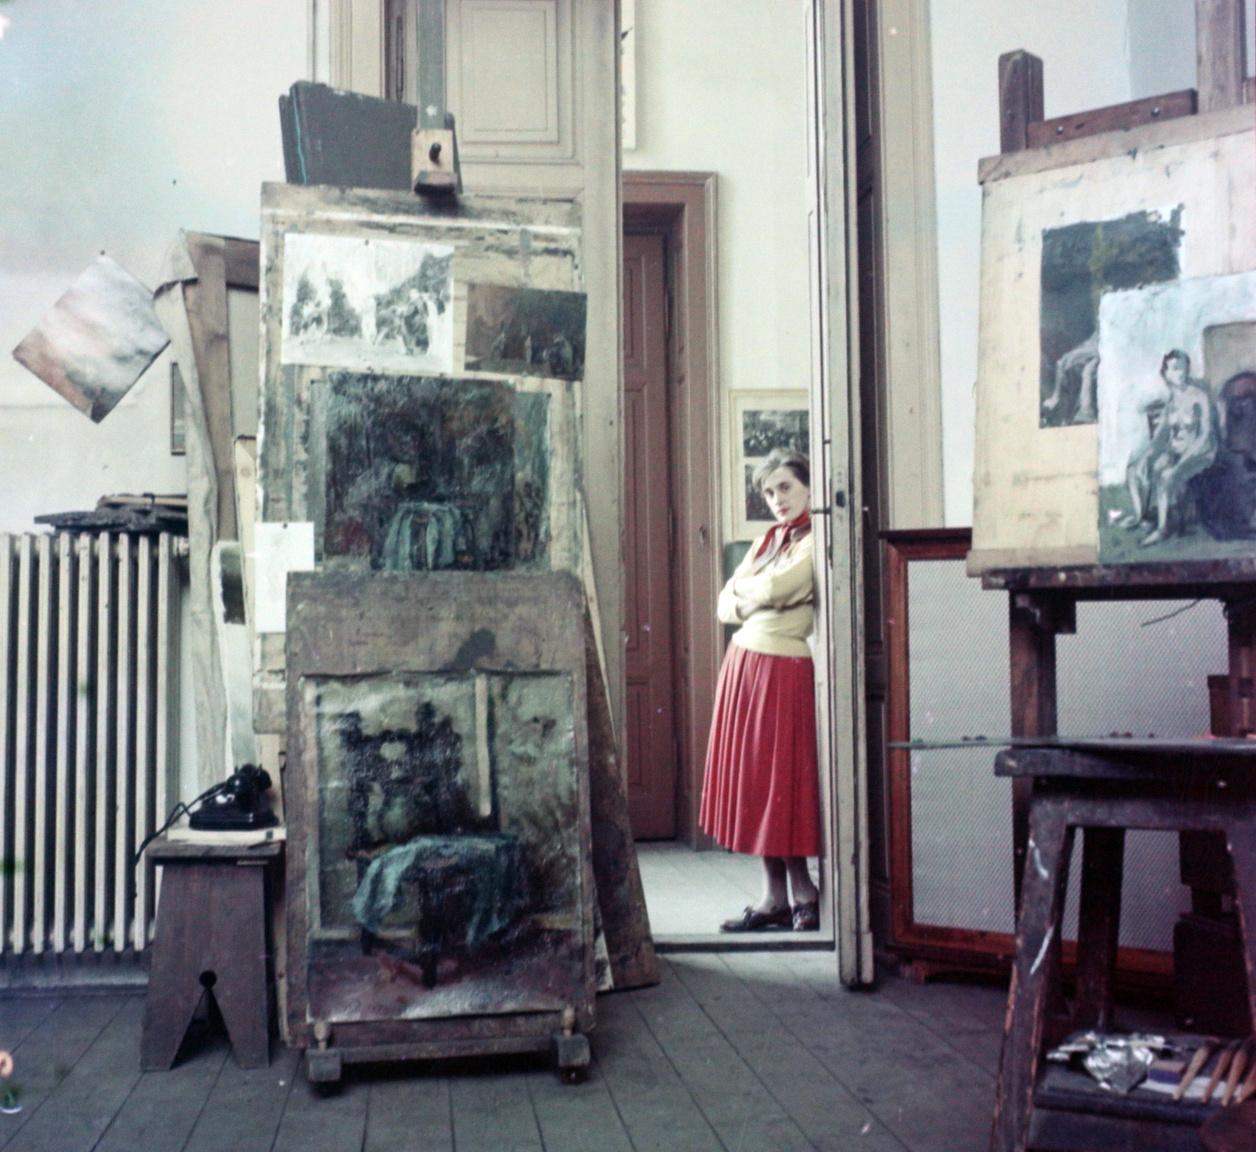 Túry Mária a Kádár Györggyel közös műterem ajtajában, 1956Túry 1955-ben jelentkezett első önálló tárlatával, és a következő pár évben nagy szakmai sikereket ért el. 1958-ban Kádár Györggyel megtervezték a Brüsszeli Világkiállítás Magyar Pavilonjának alumínium pannóját, amiért Diplôme d'honneur díjat kaptak. Festmény, gobelin, mozaik, tűzzománc, litográfia, üvegablak – számos műfajban kipróbálta magát, és pályáján kiállítások, díjak, kitüntetések kísérték. A későbbi, Széher úti Túry–Kádár-műteremben ma családi galéria működik.